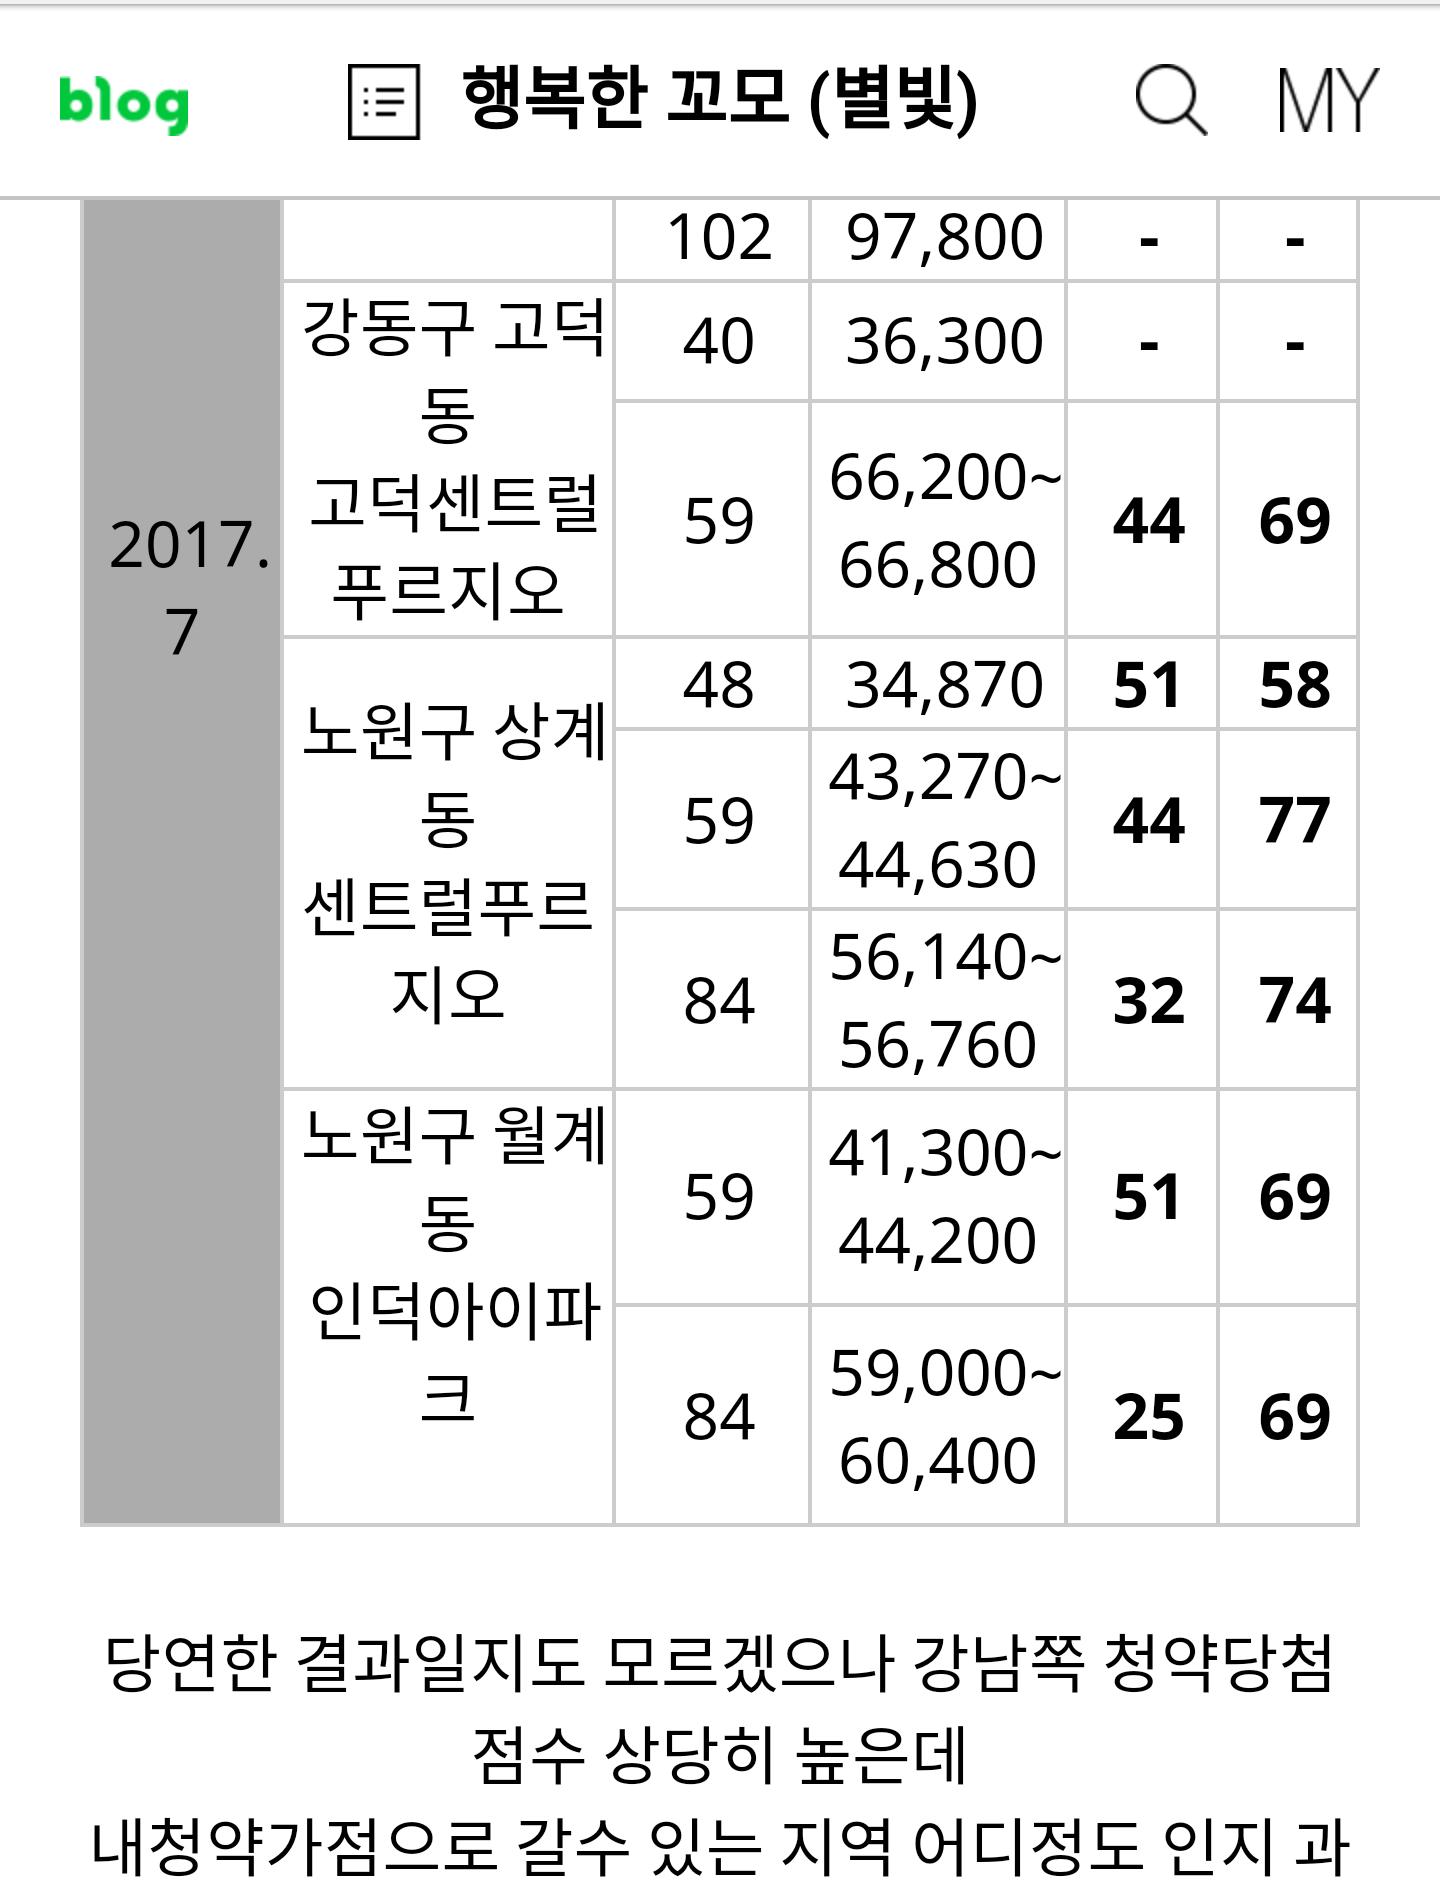 아파트 청약 낮은 점수로 /서울 아파트/